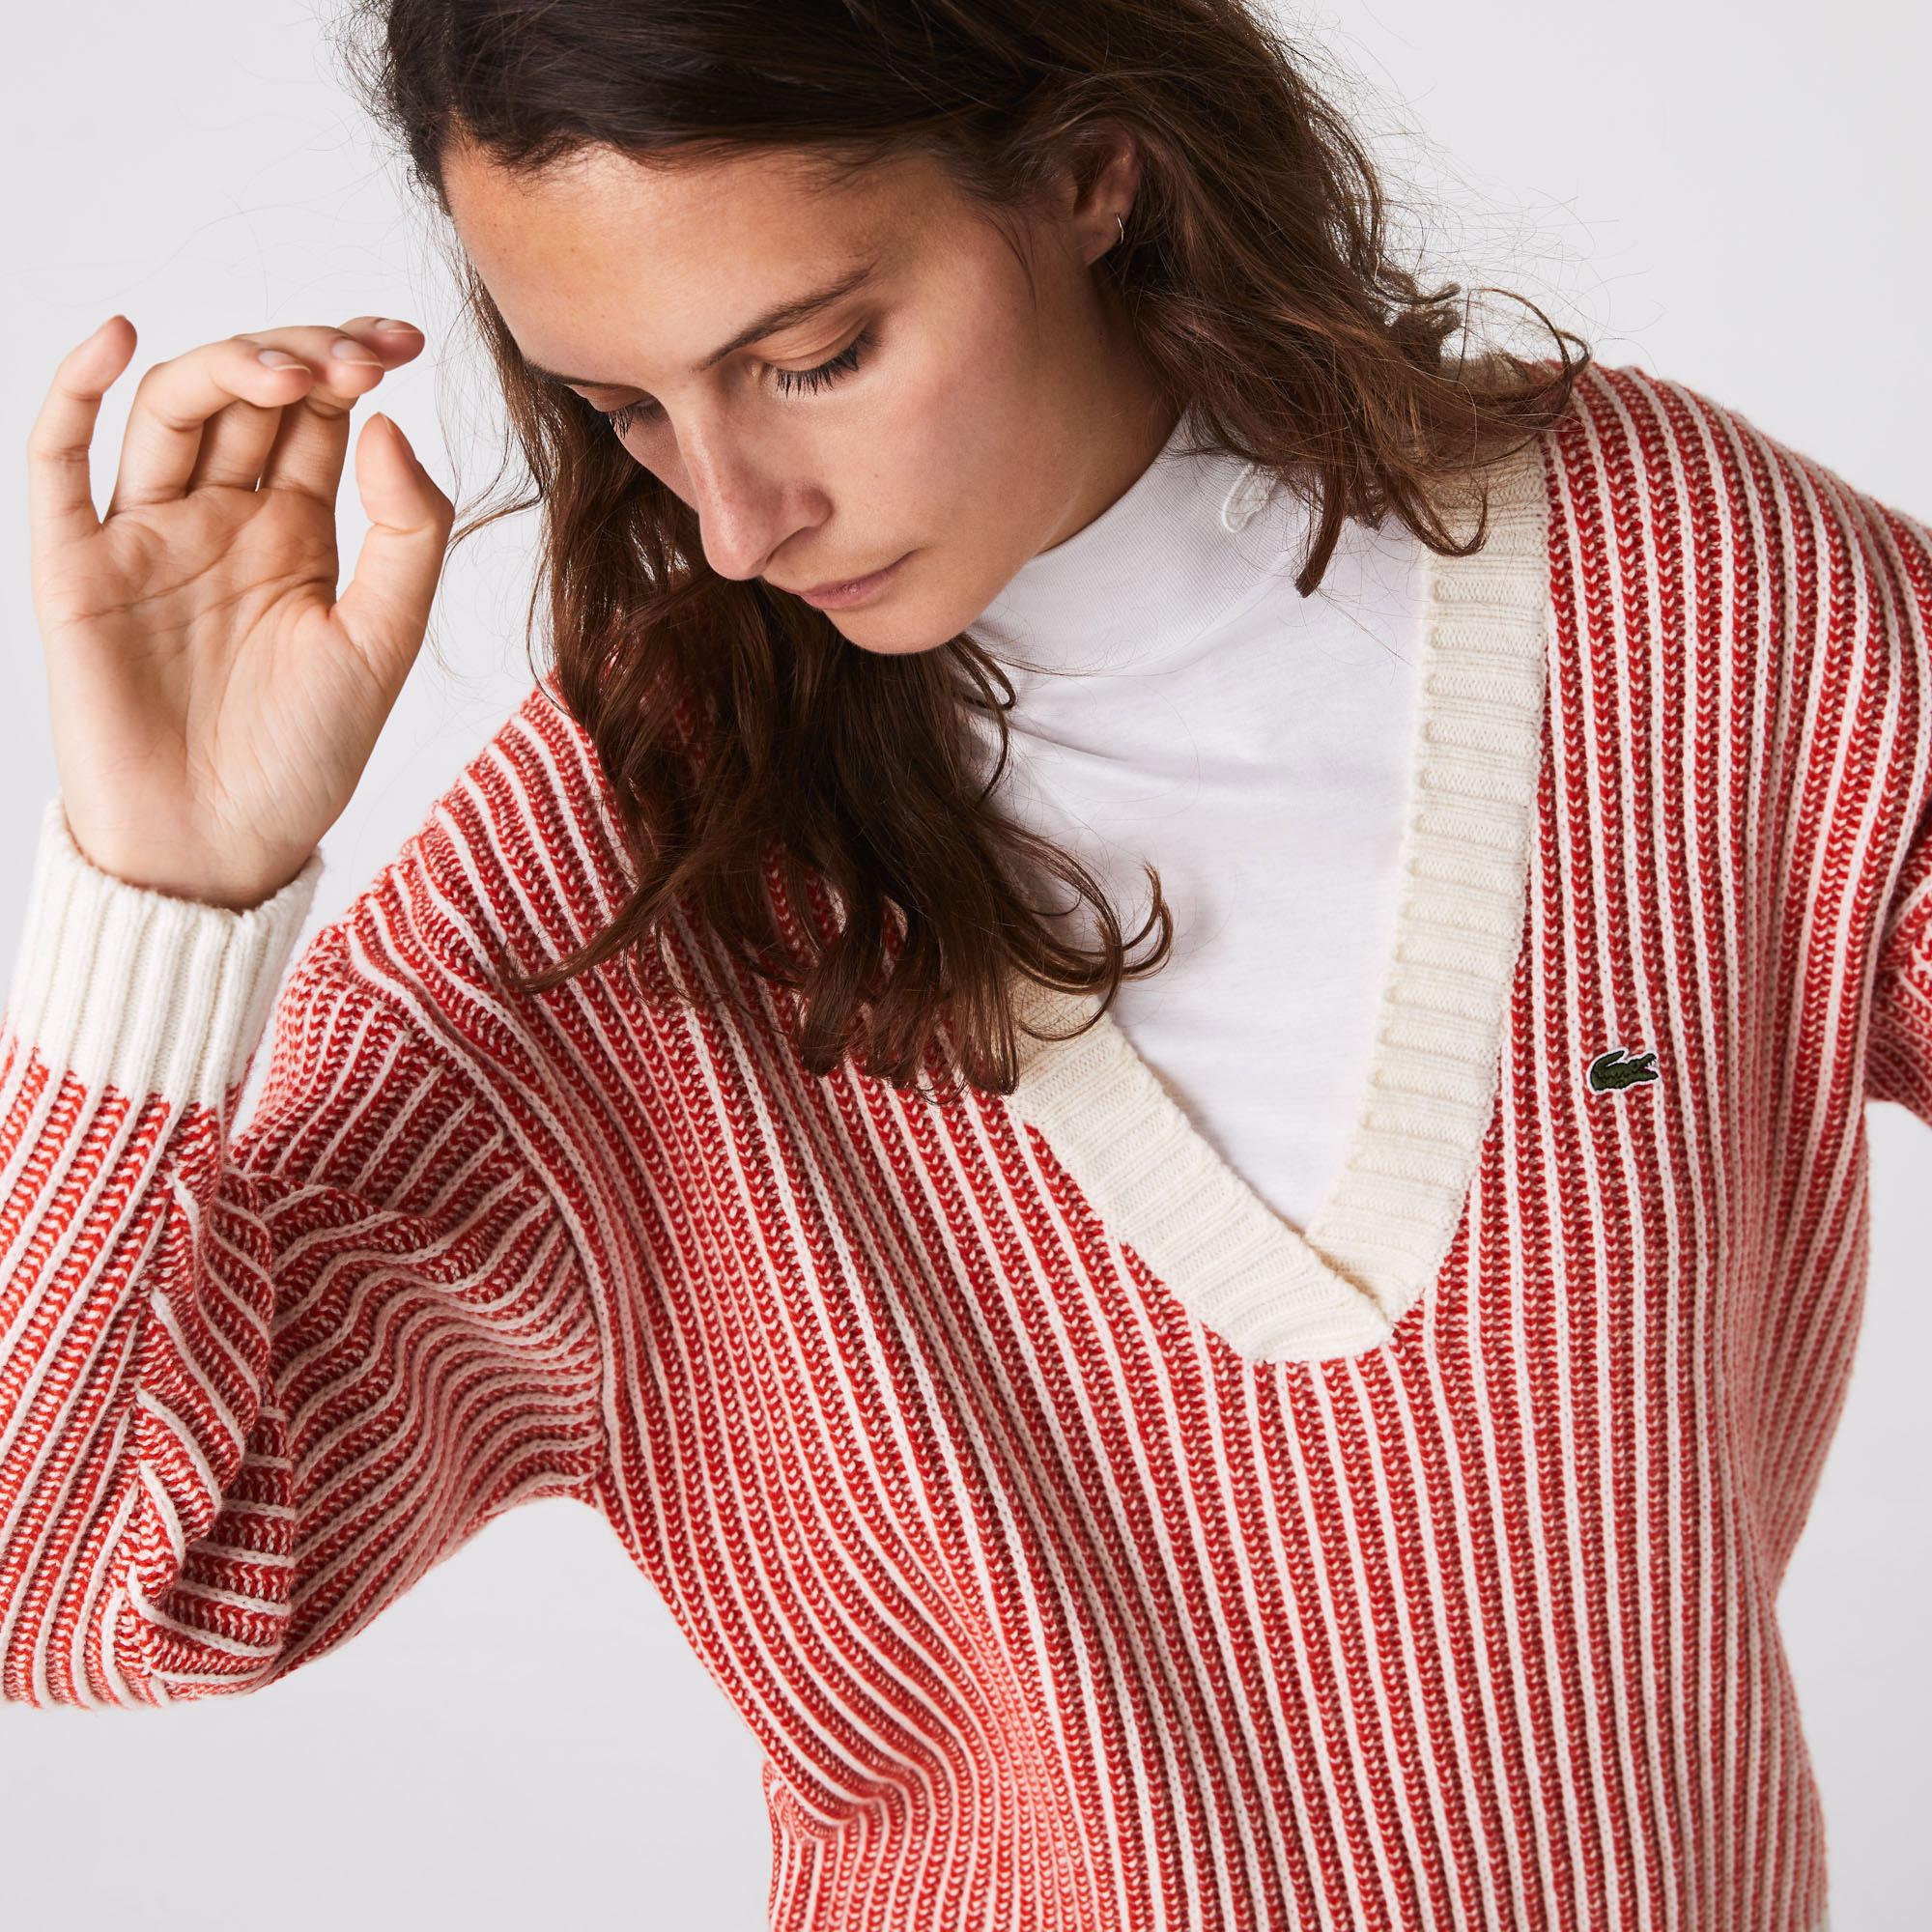 Lacoste Damski Dwukolorowy Prążkowany Wełniany Sweter Z Niskim Dekoltem W Kształcie Litery V